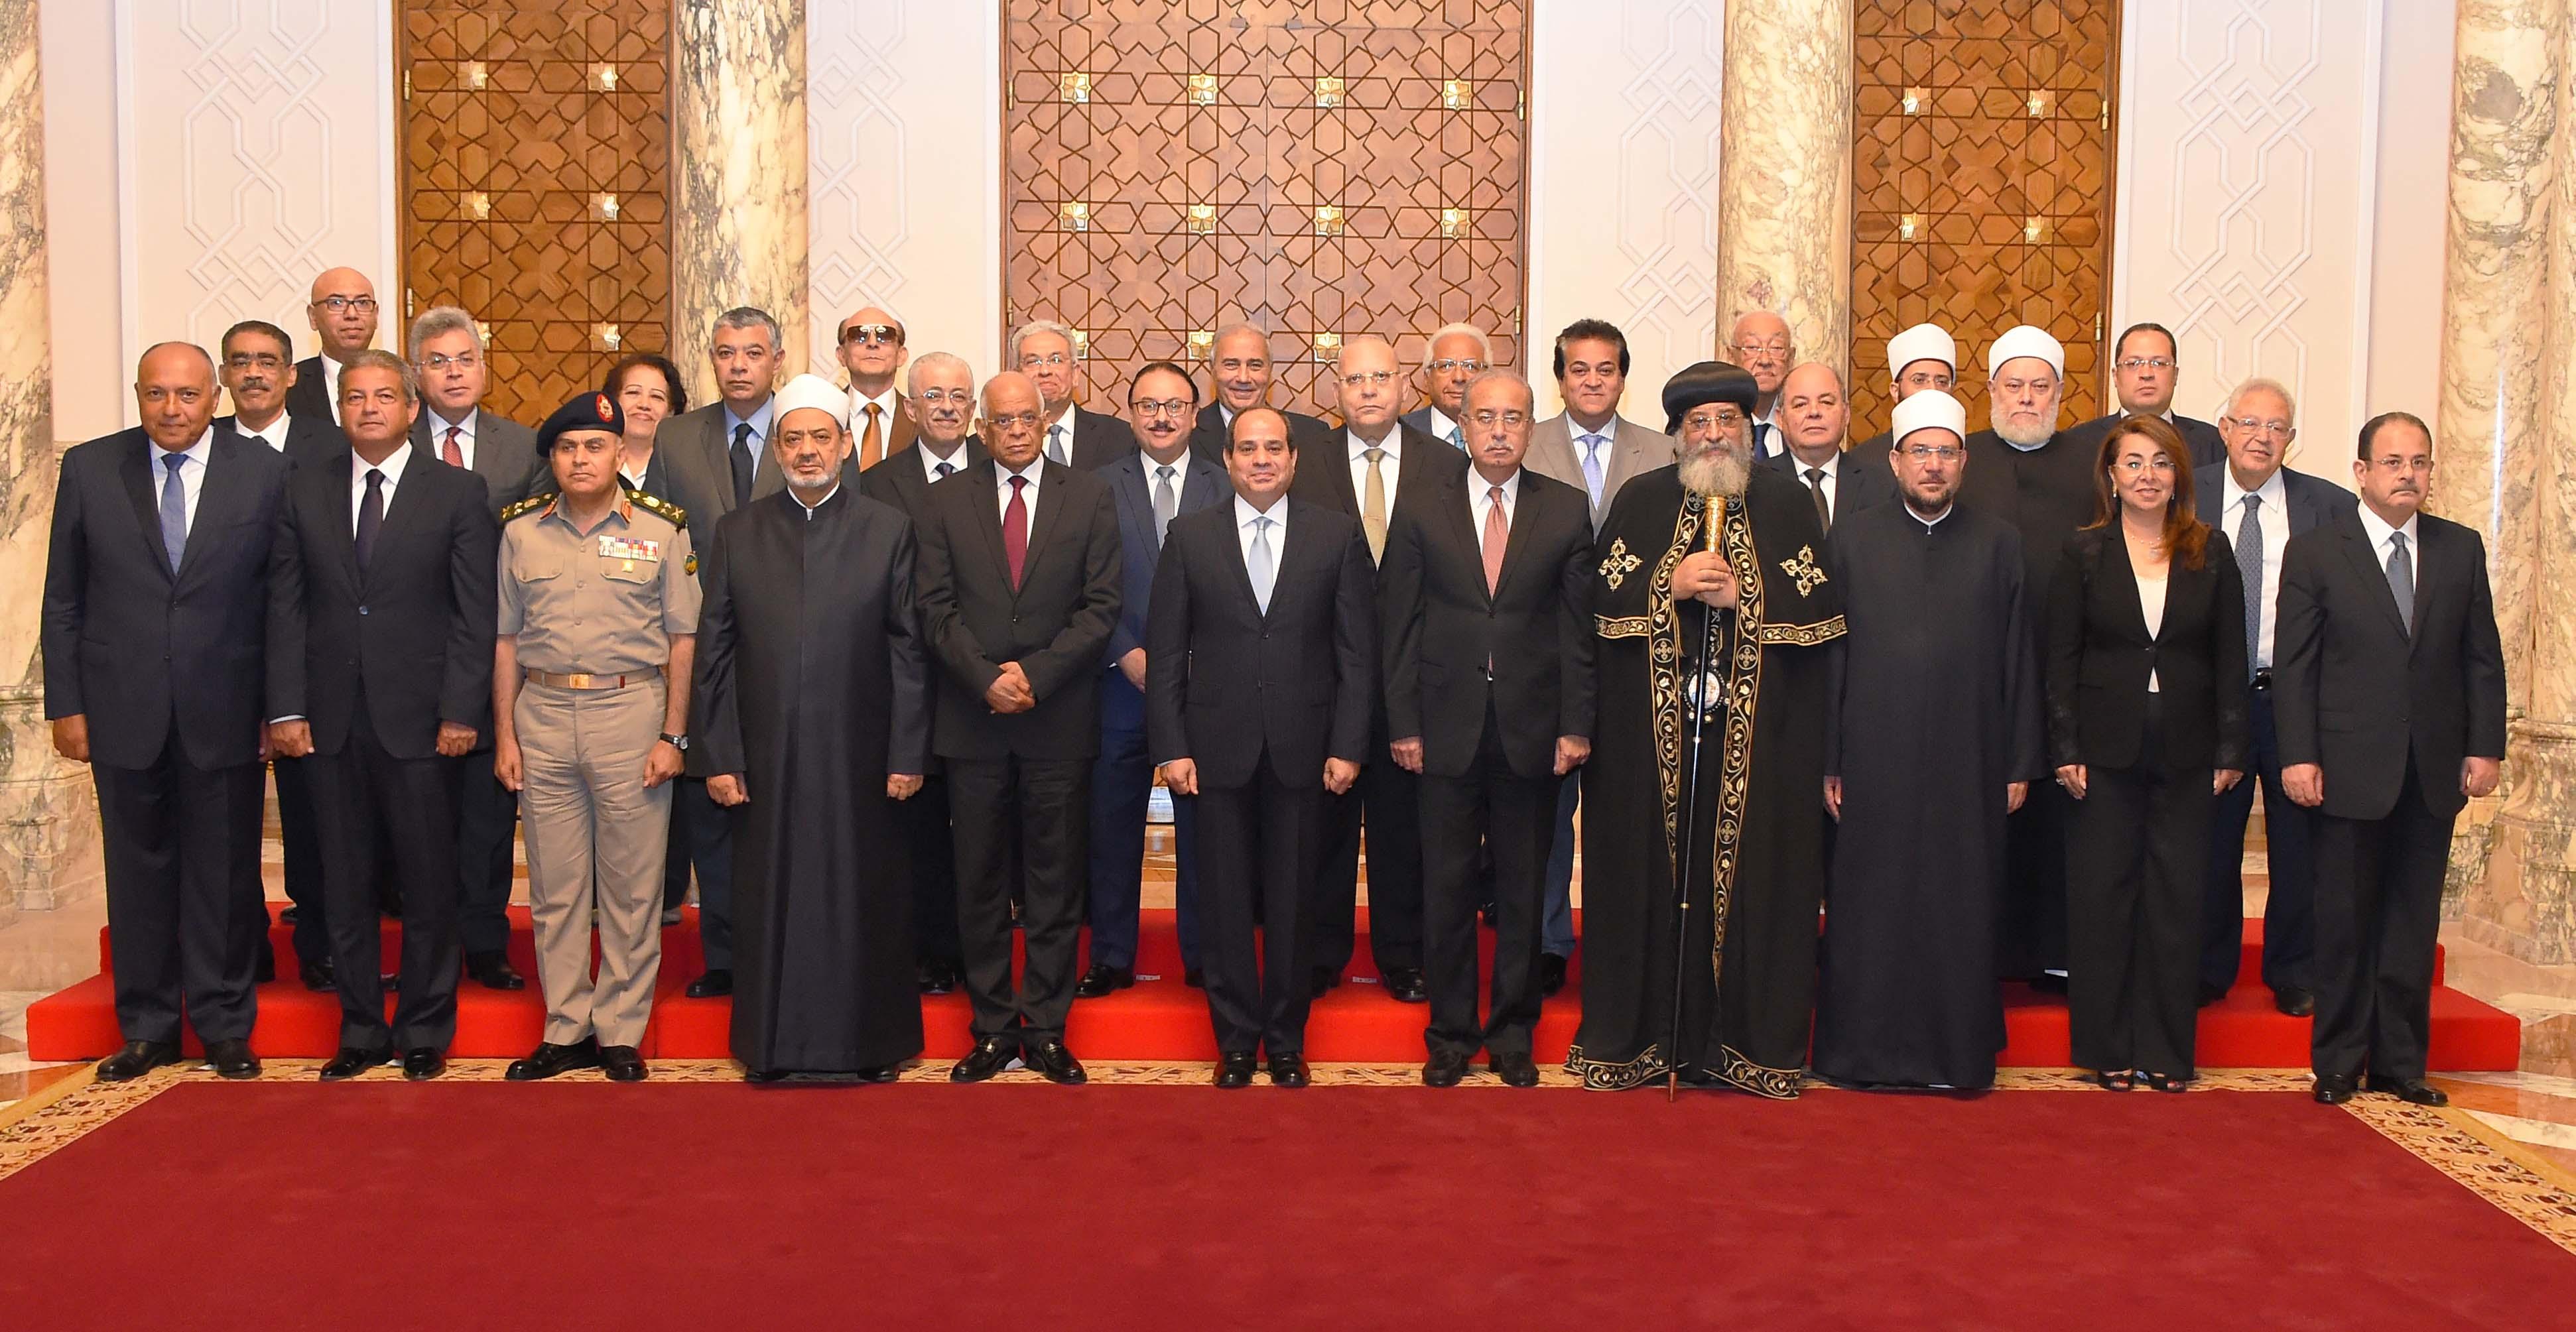 الاجتماع الأول للمجلس القومي لمواجهة الإرهاب والتطرف (1)